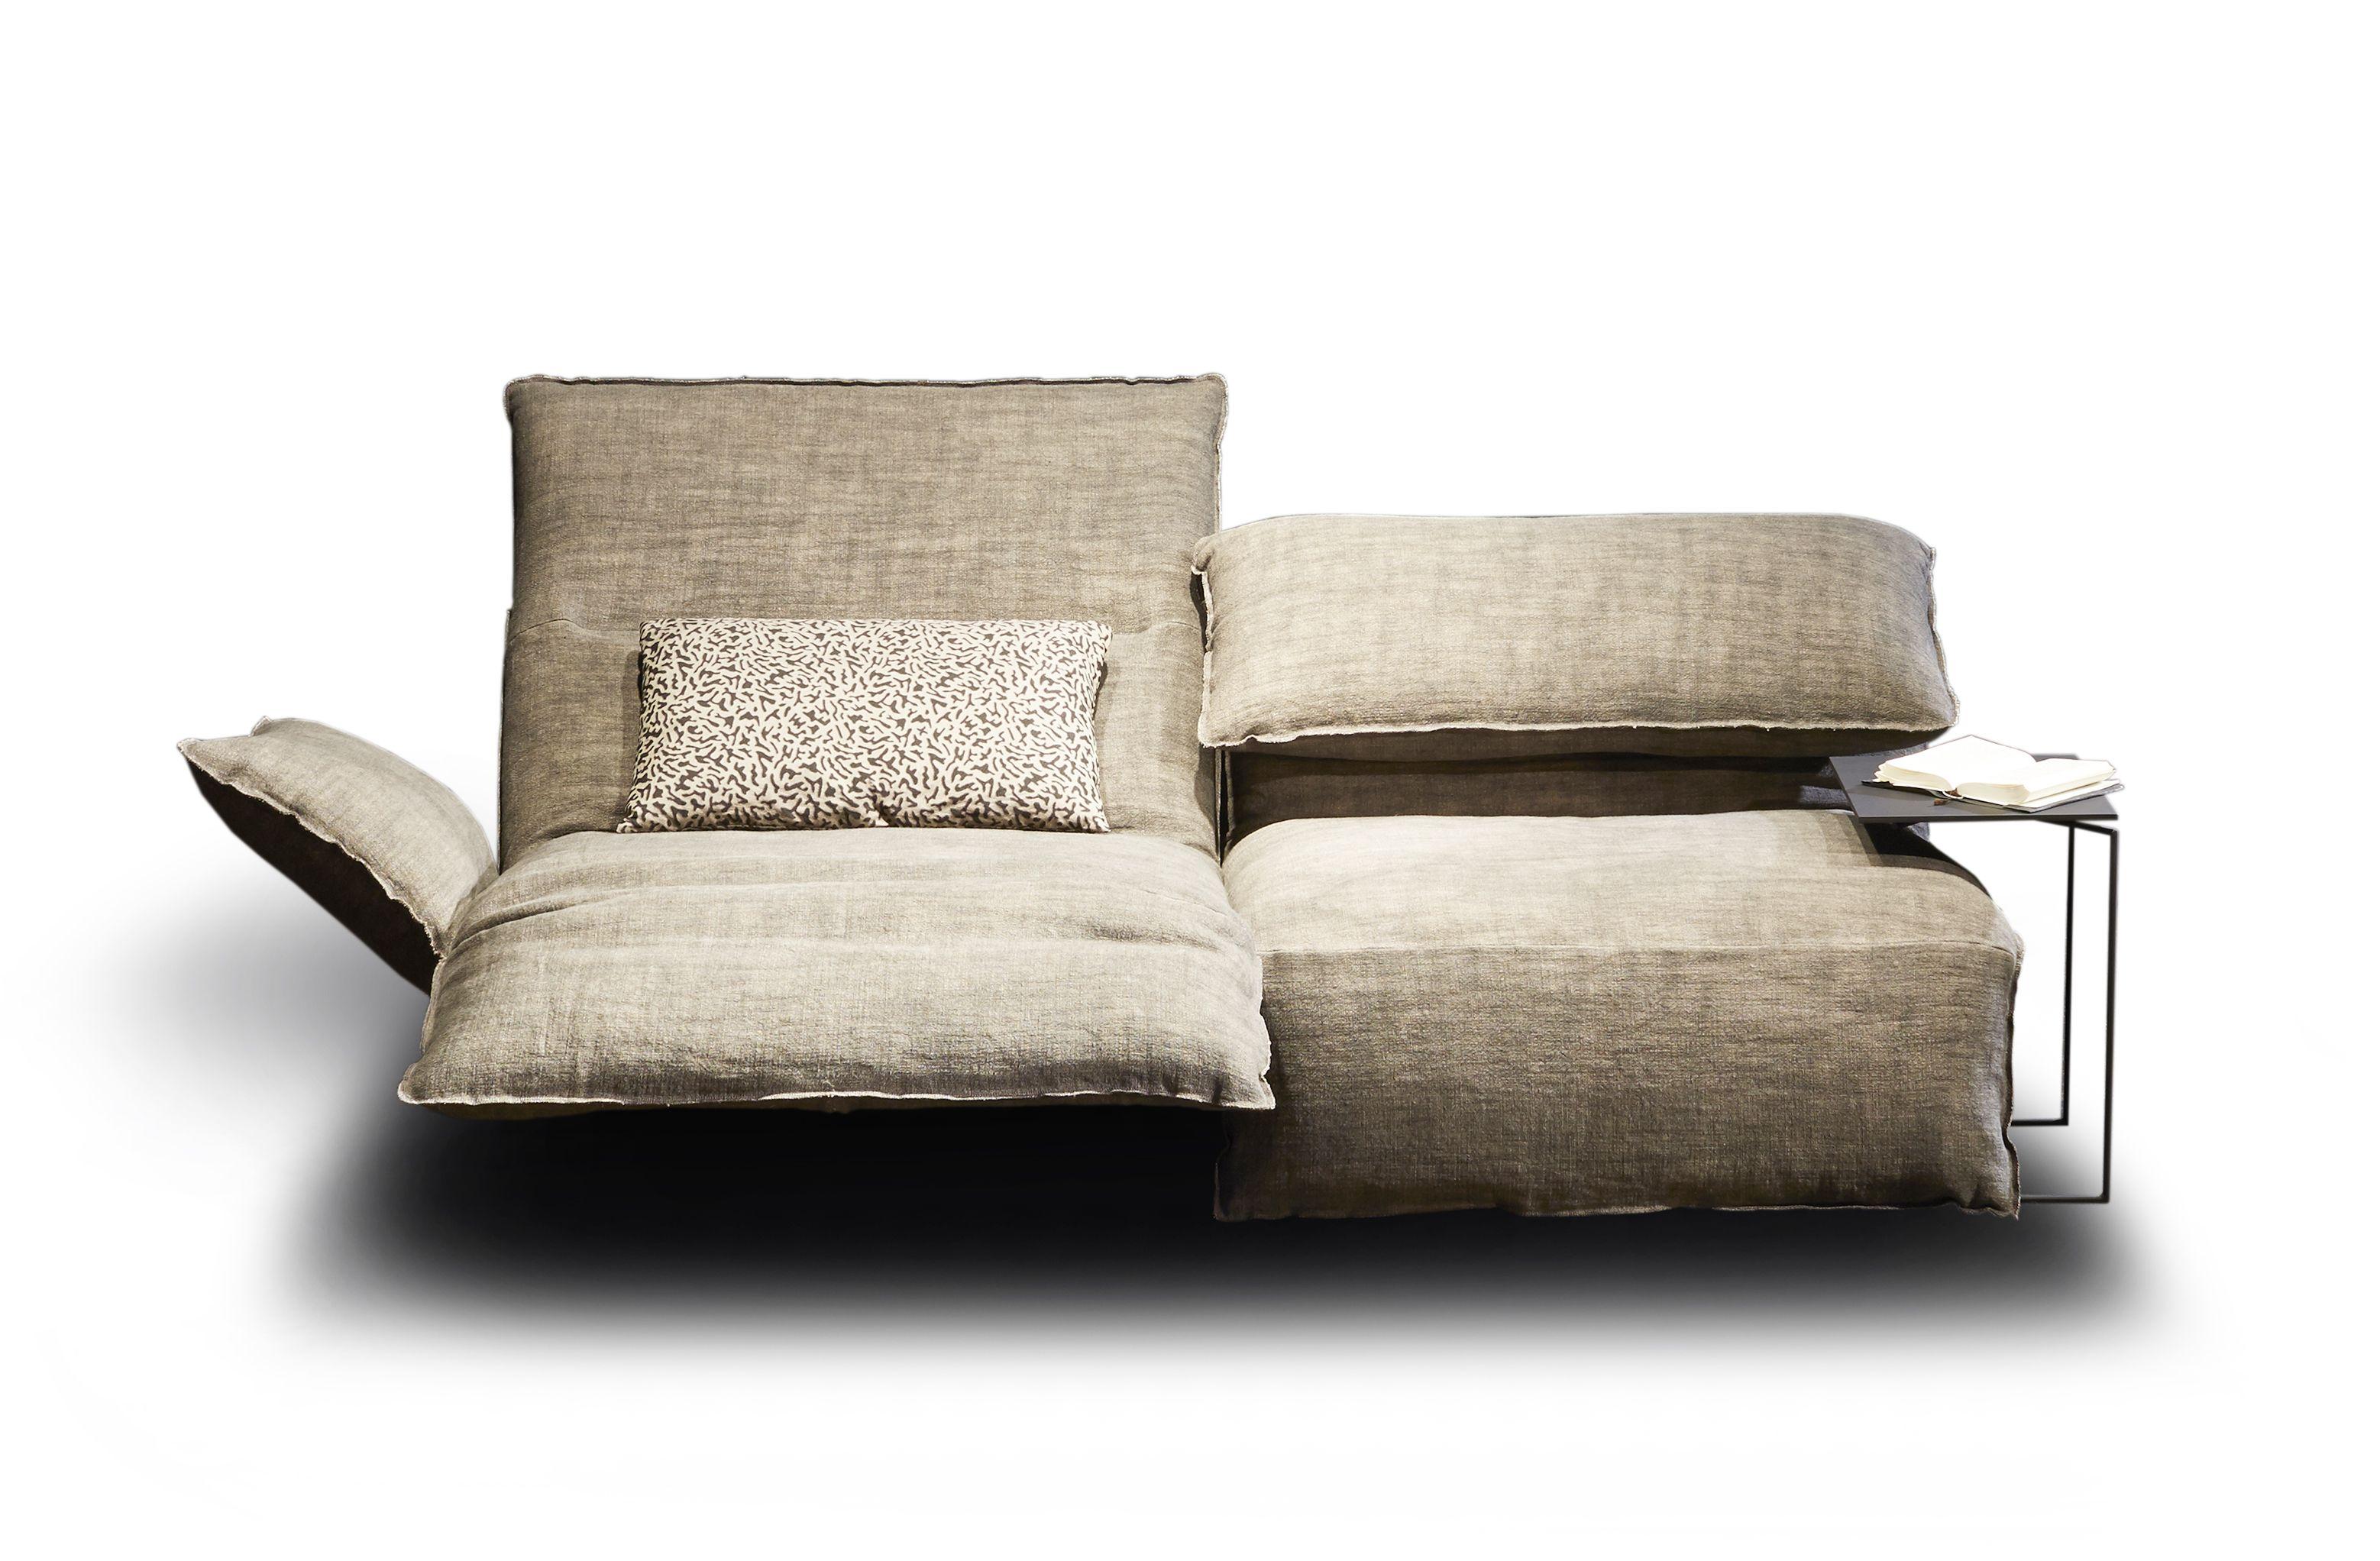 Pin Von Christos Tikfesis Auf Sofa Wohnen Wohn Design Ledersofa